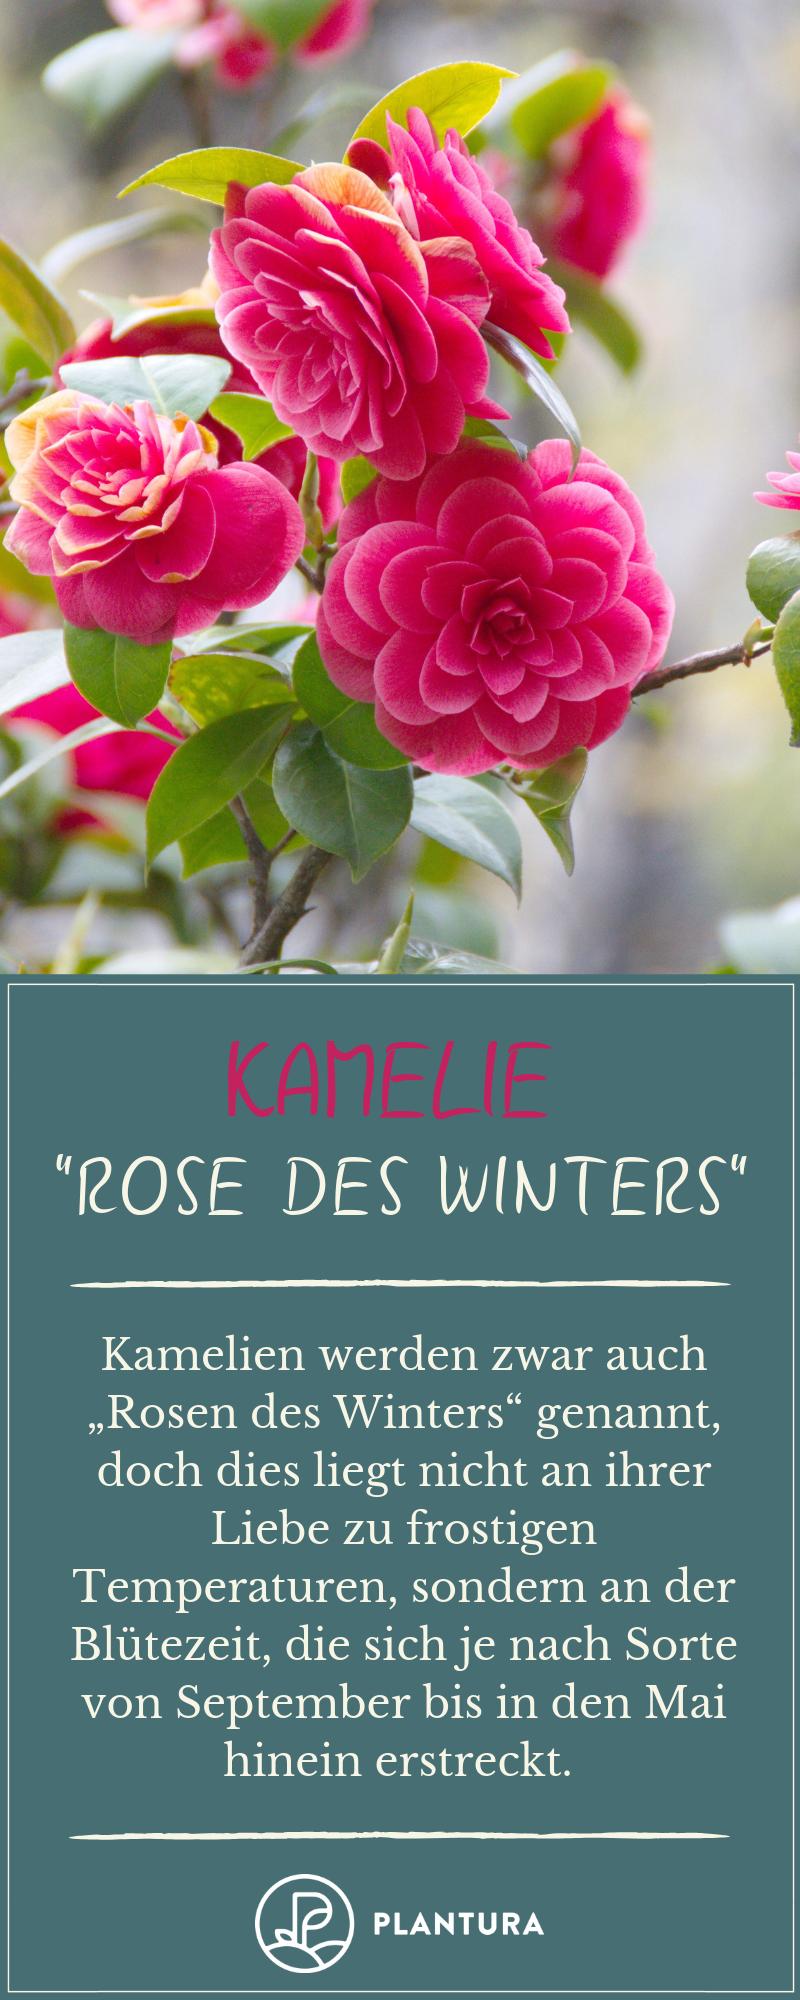 Kamelien Werden Auch Die Rosen Des Winters Genannt Wie Viel Kalte Die Zarten Bluten Tatsachlich Uberstehen Konnen Und Winterharte Blumen Winterhart Pflanzen